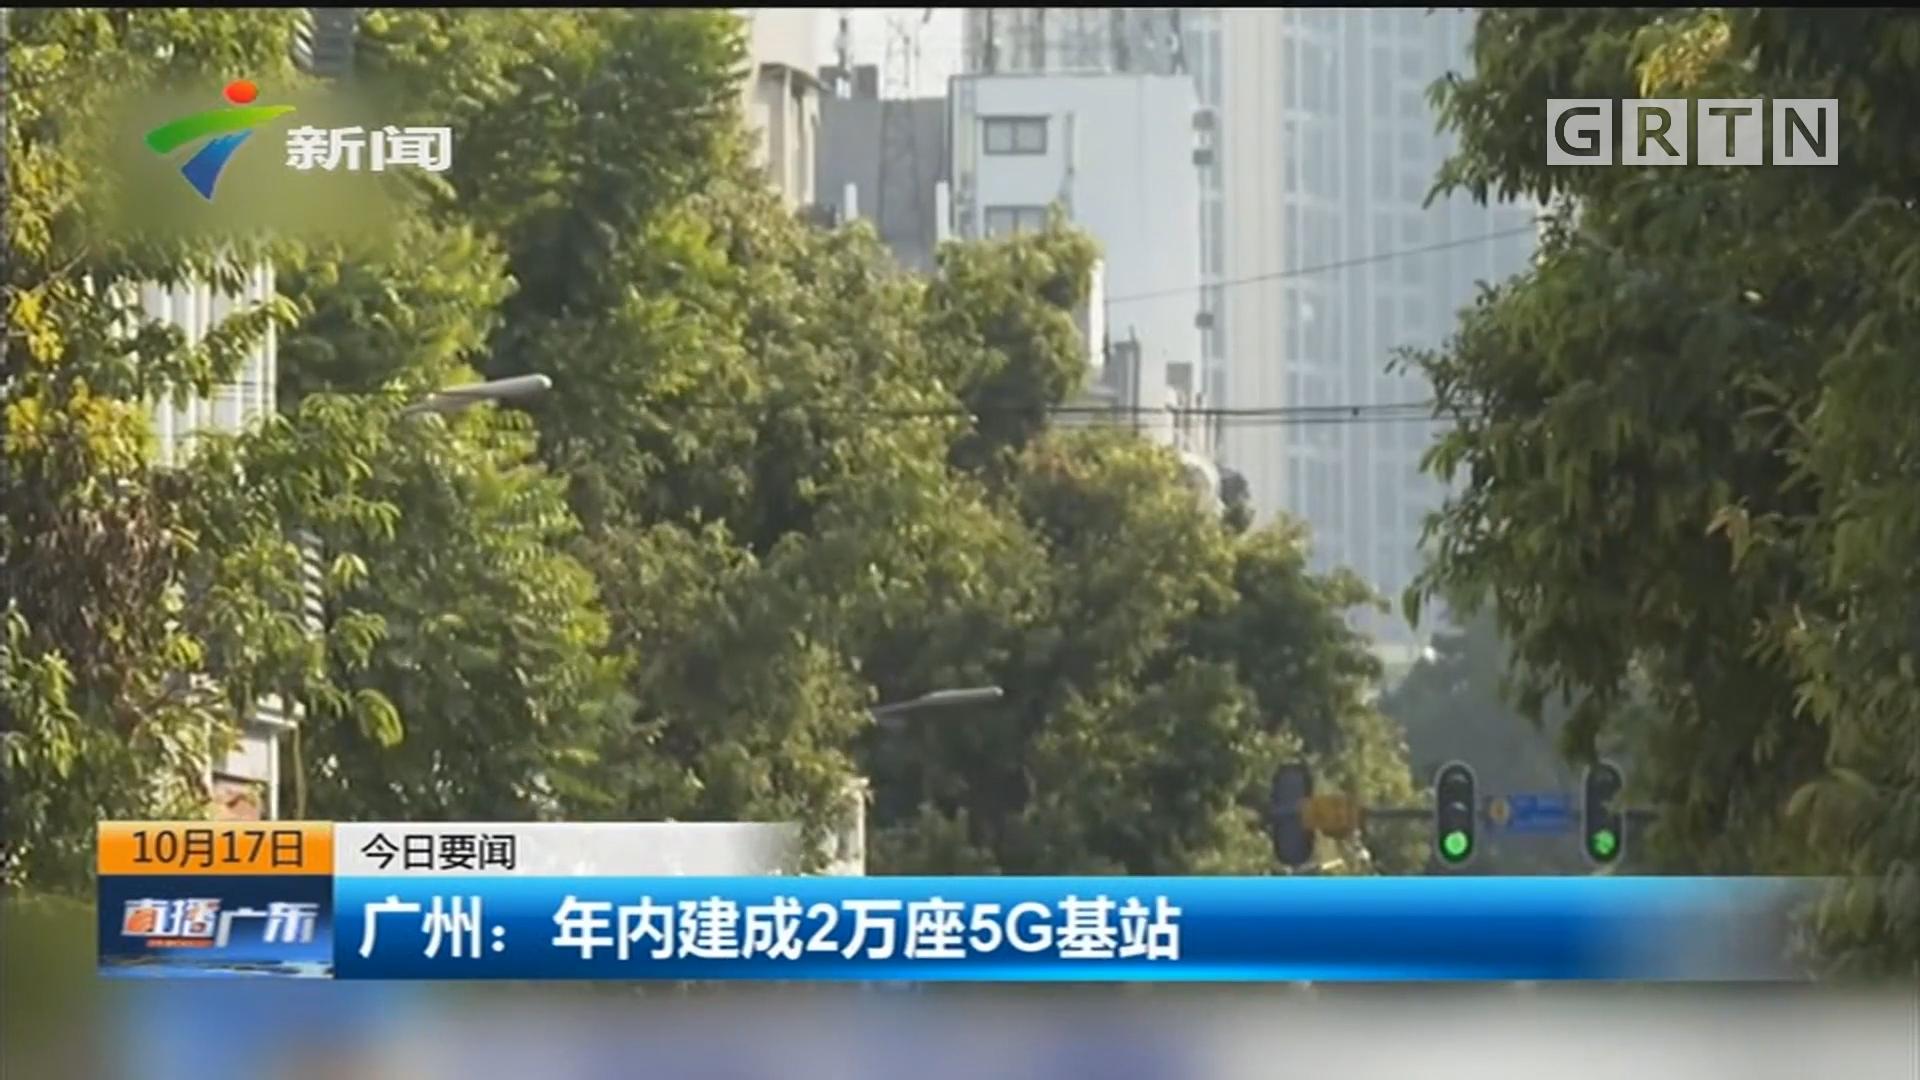 广州:年内建成2万座5G基站